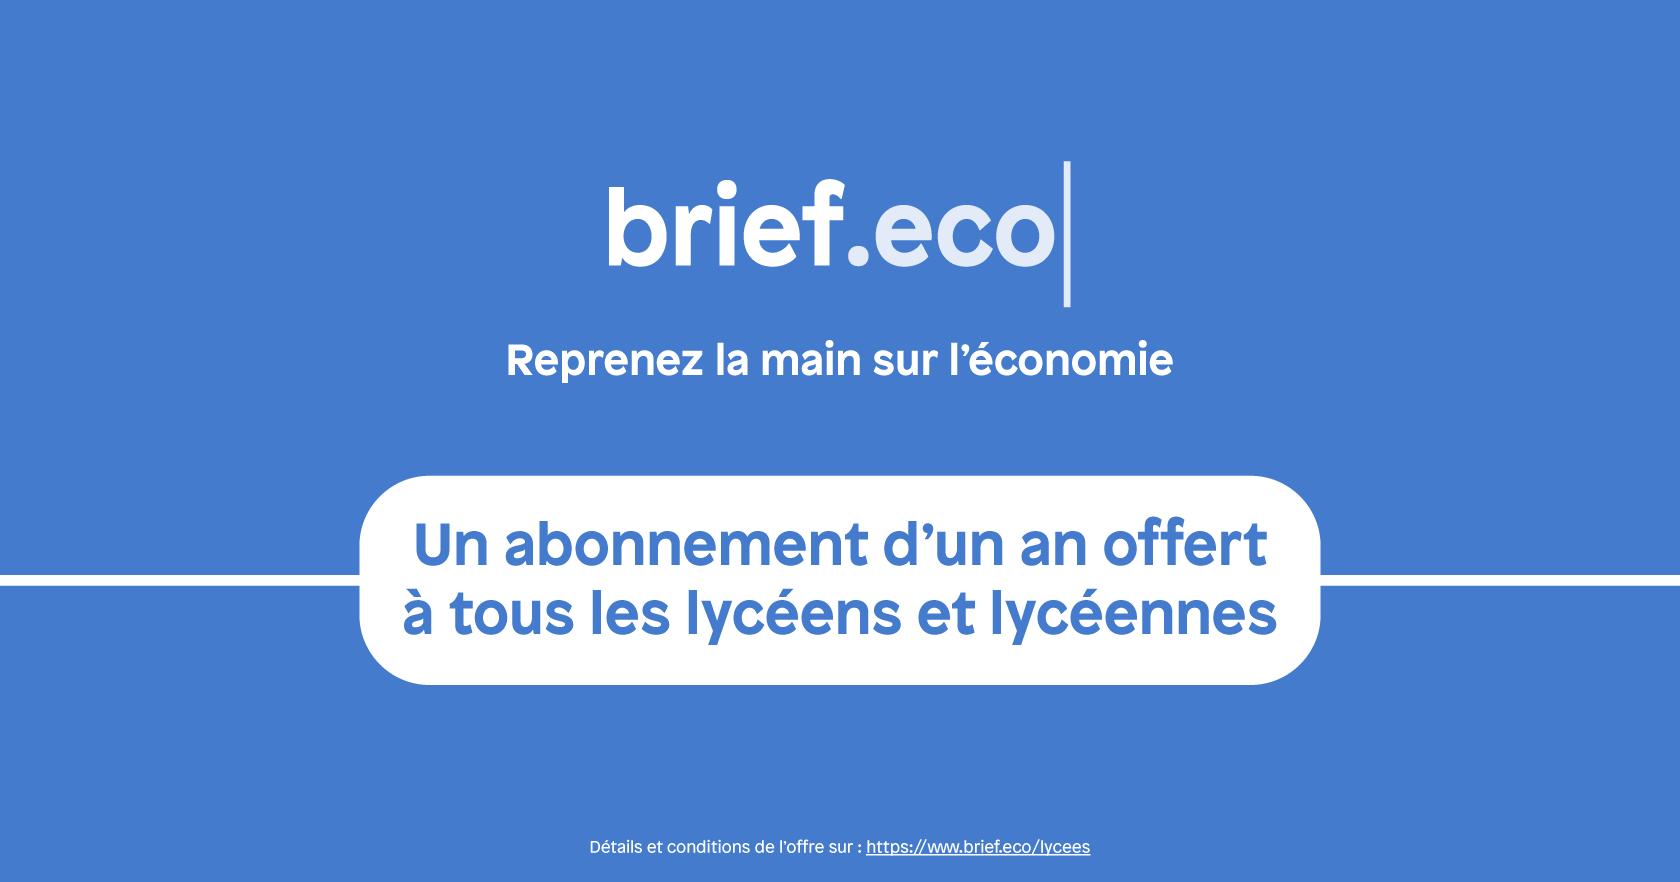 Brief.eco pour les lycéens et lycéennes